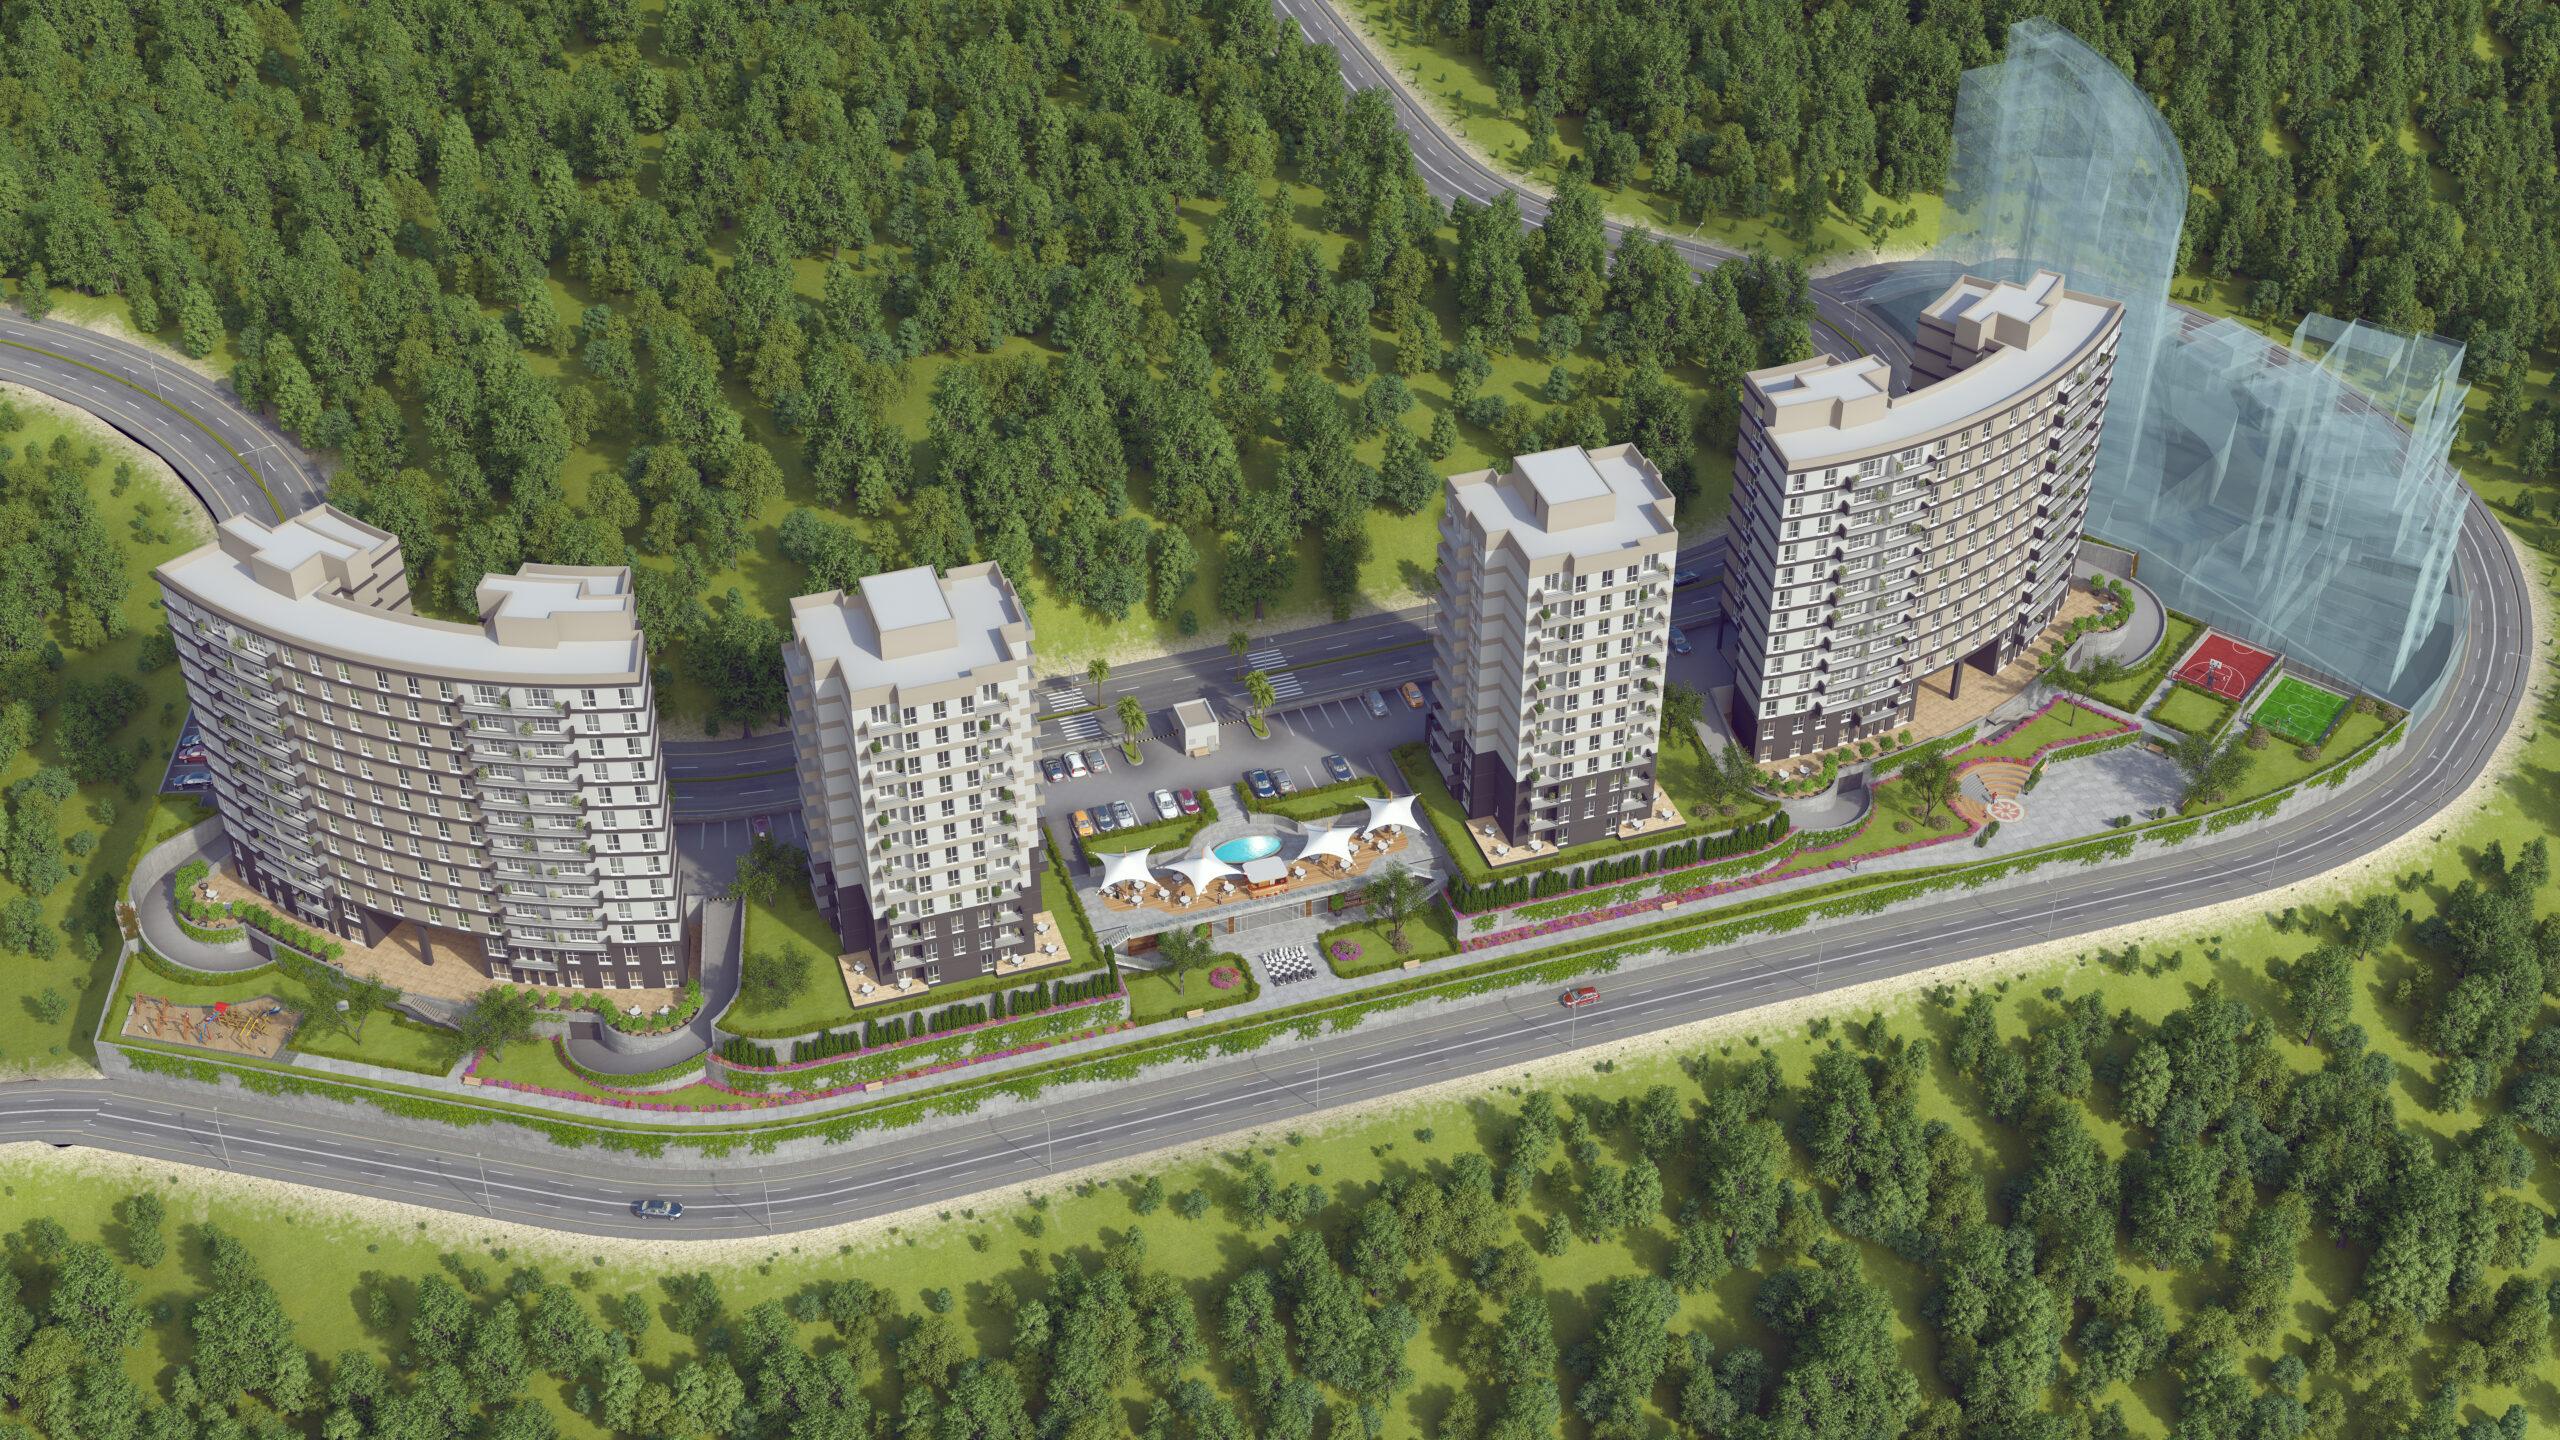 مشروع استثماري سكني في اسطنبول بهشا شهير كود المشروع (IC 62)